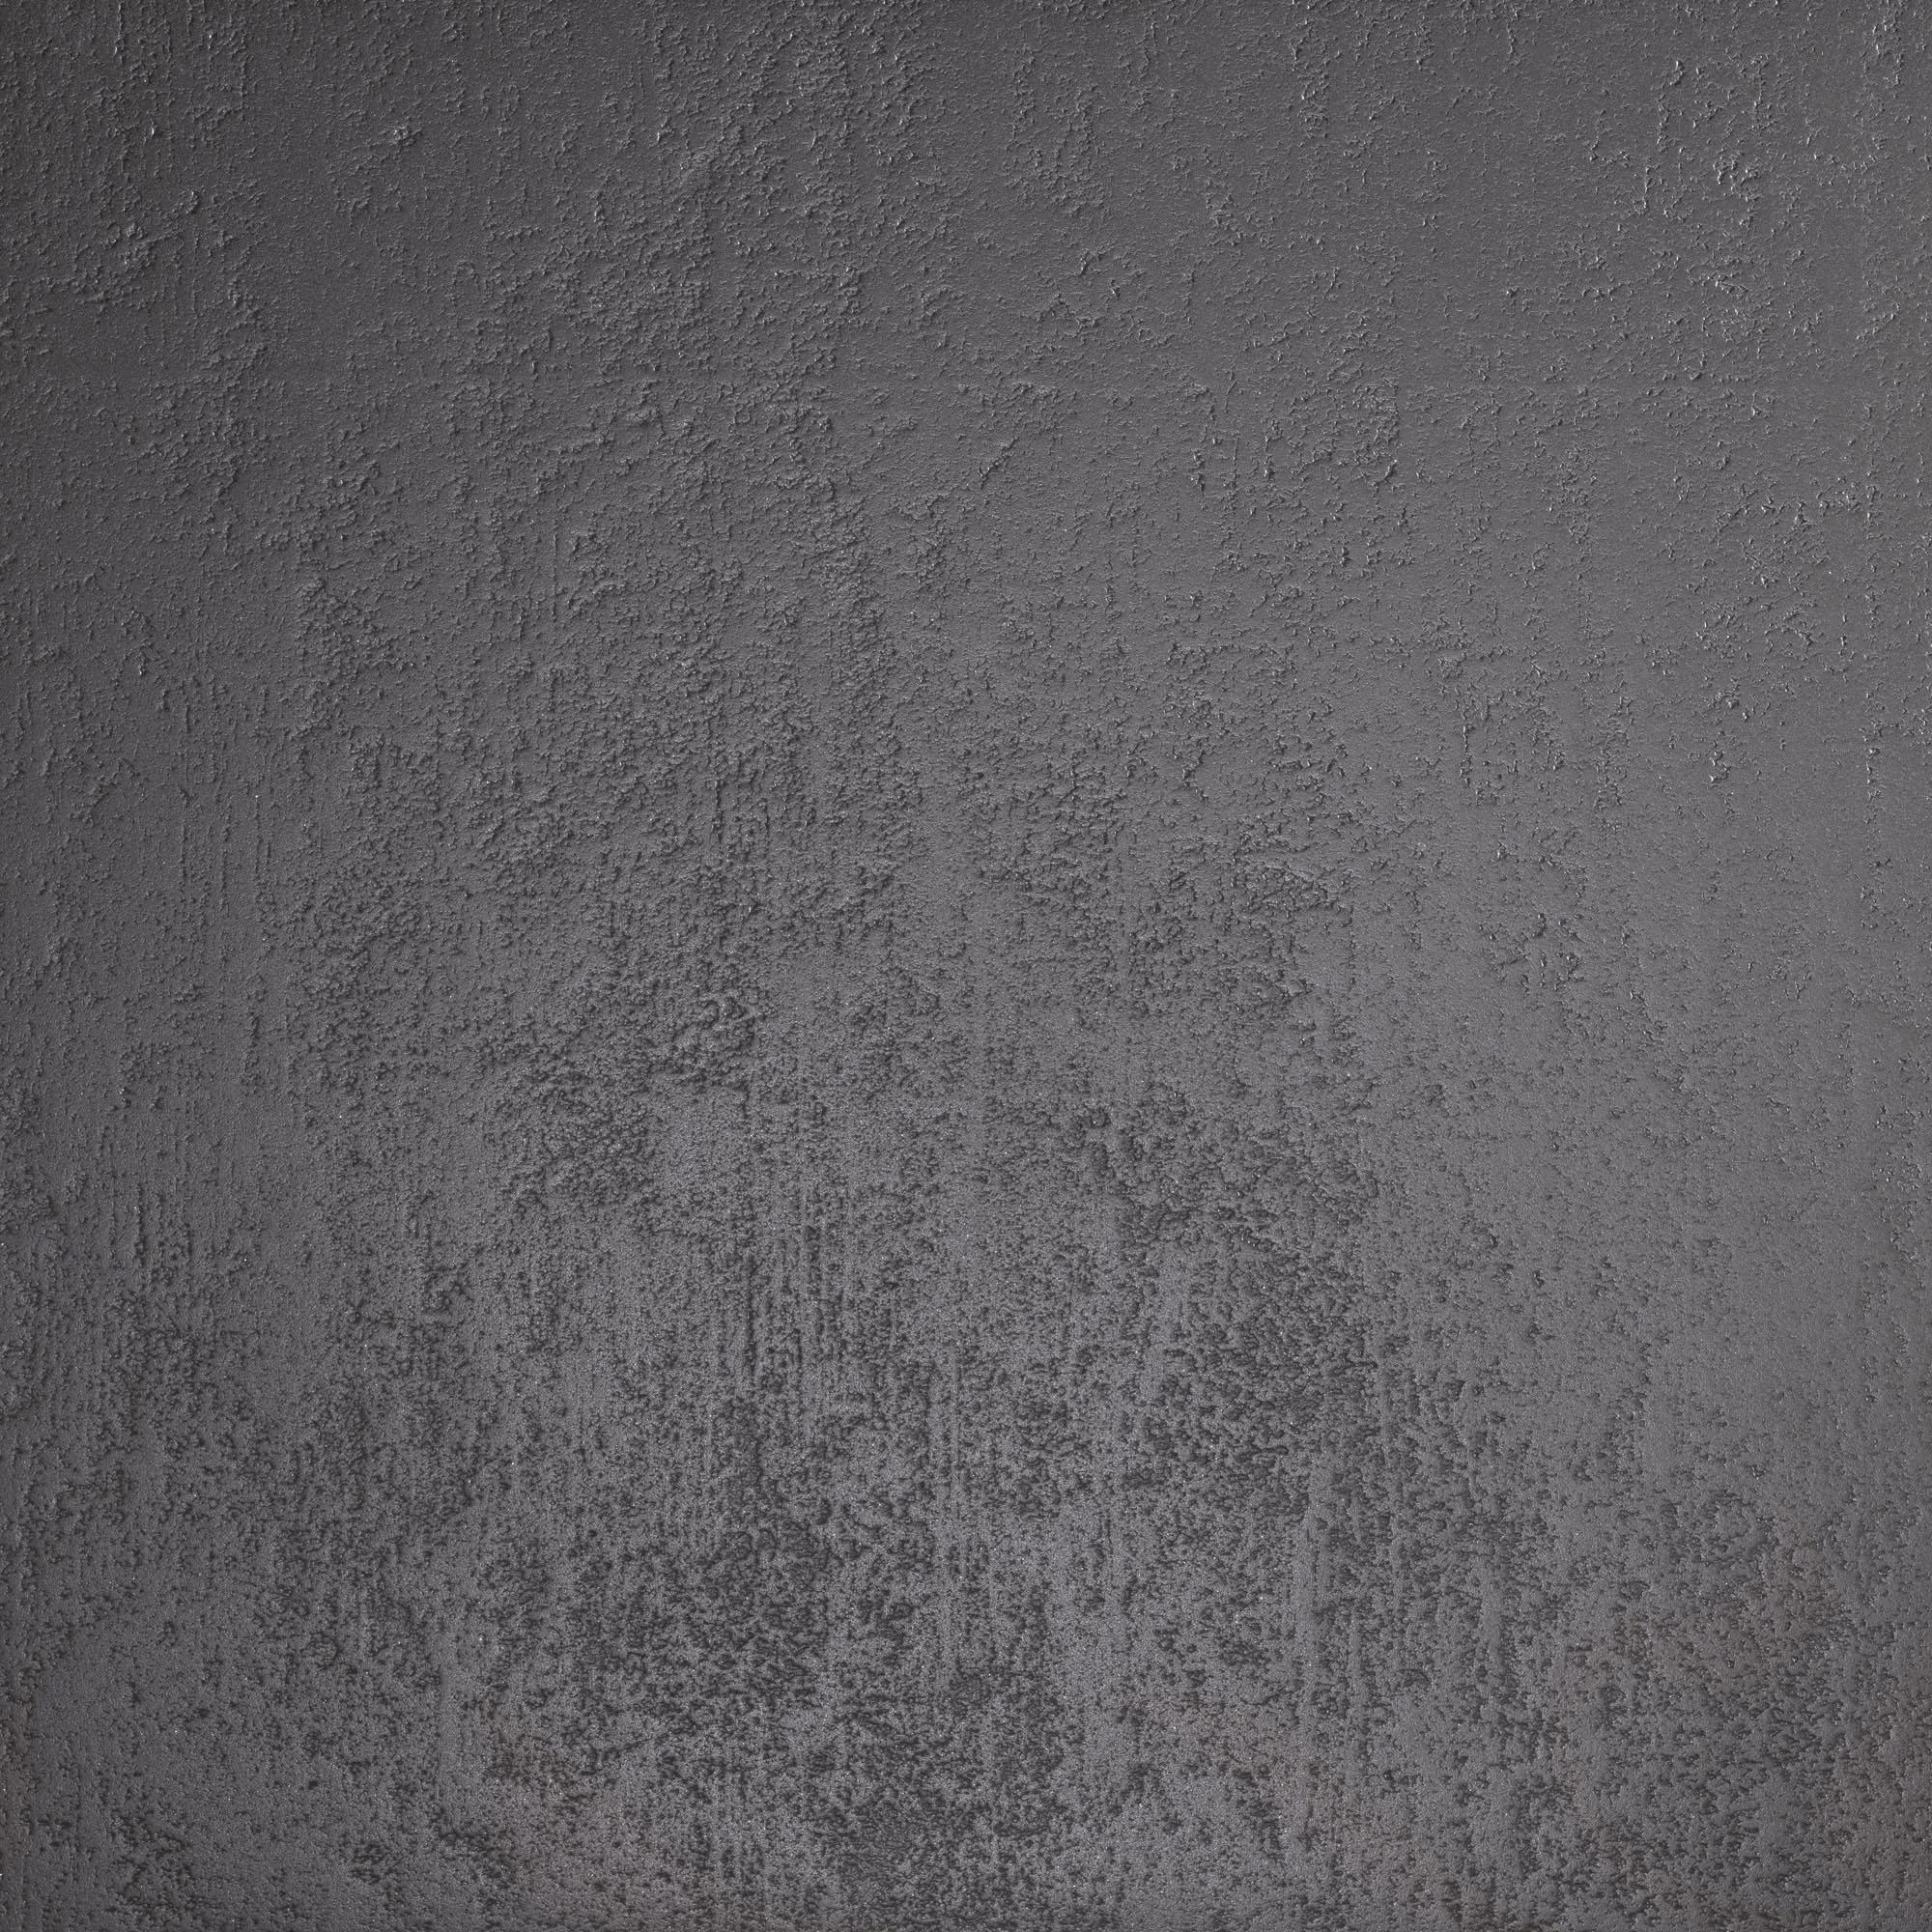 K71703206I, Essence, Musta, lattia,pakkasenkesto